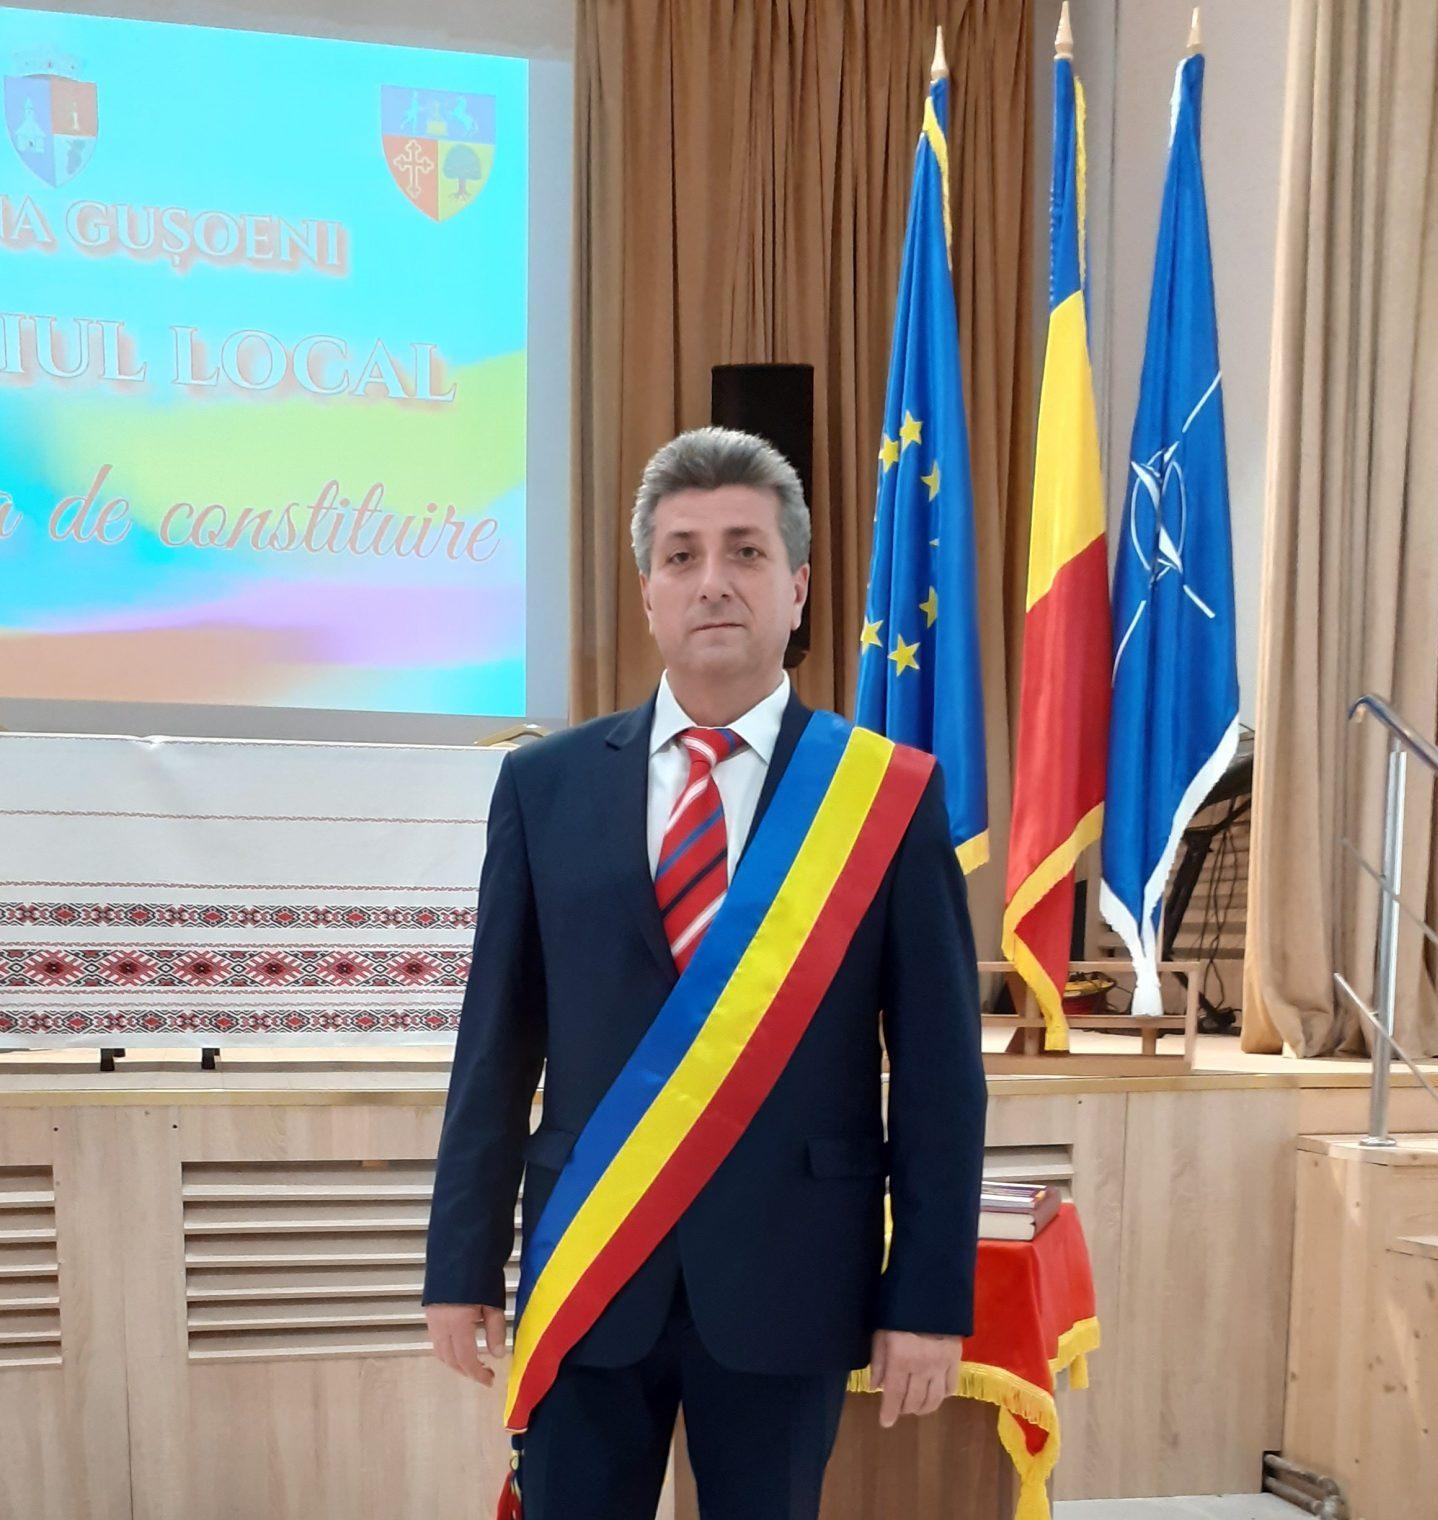 """Nicolae Concioiu: """"Vă garantez că voi face tot ce îmi stă în putinţă să duc mai departe obiectivele şi proiectele pe care le-am oferit electoratului"""""""